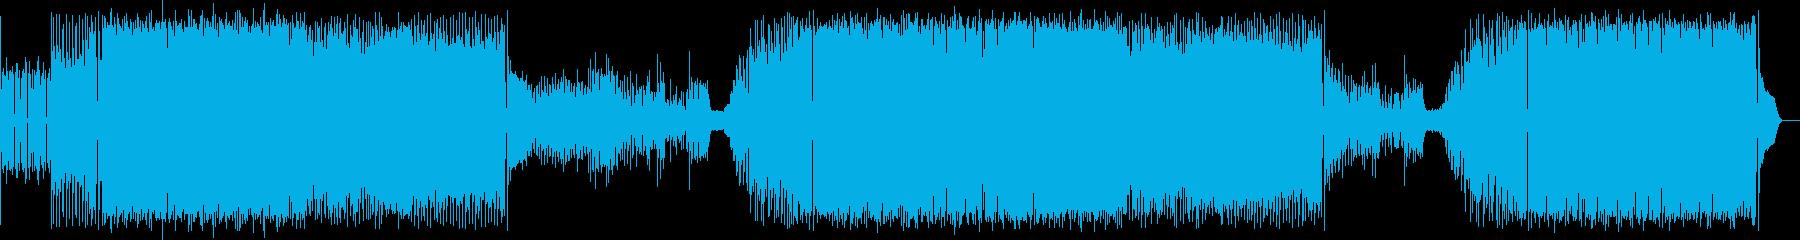 ポップコーンが弾ける!エレクトロxポップの再生済みの波形